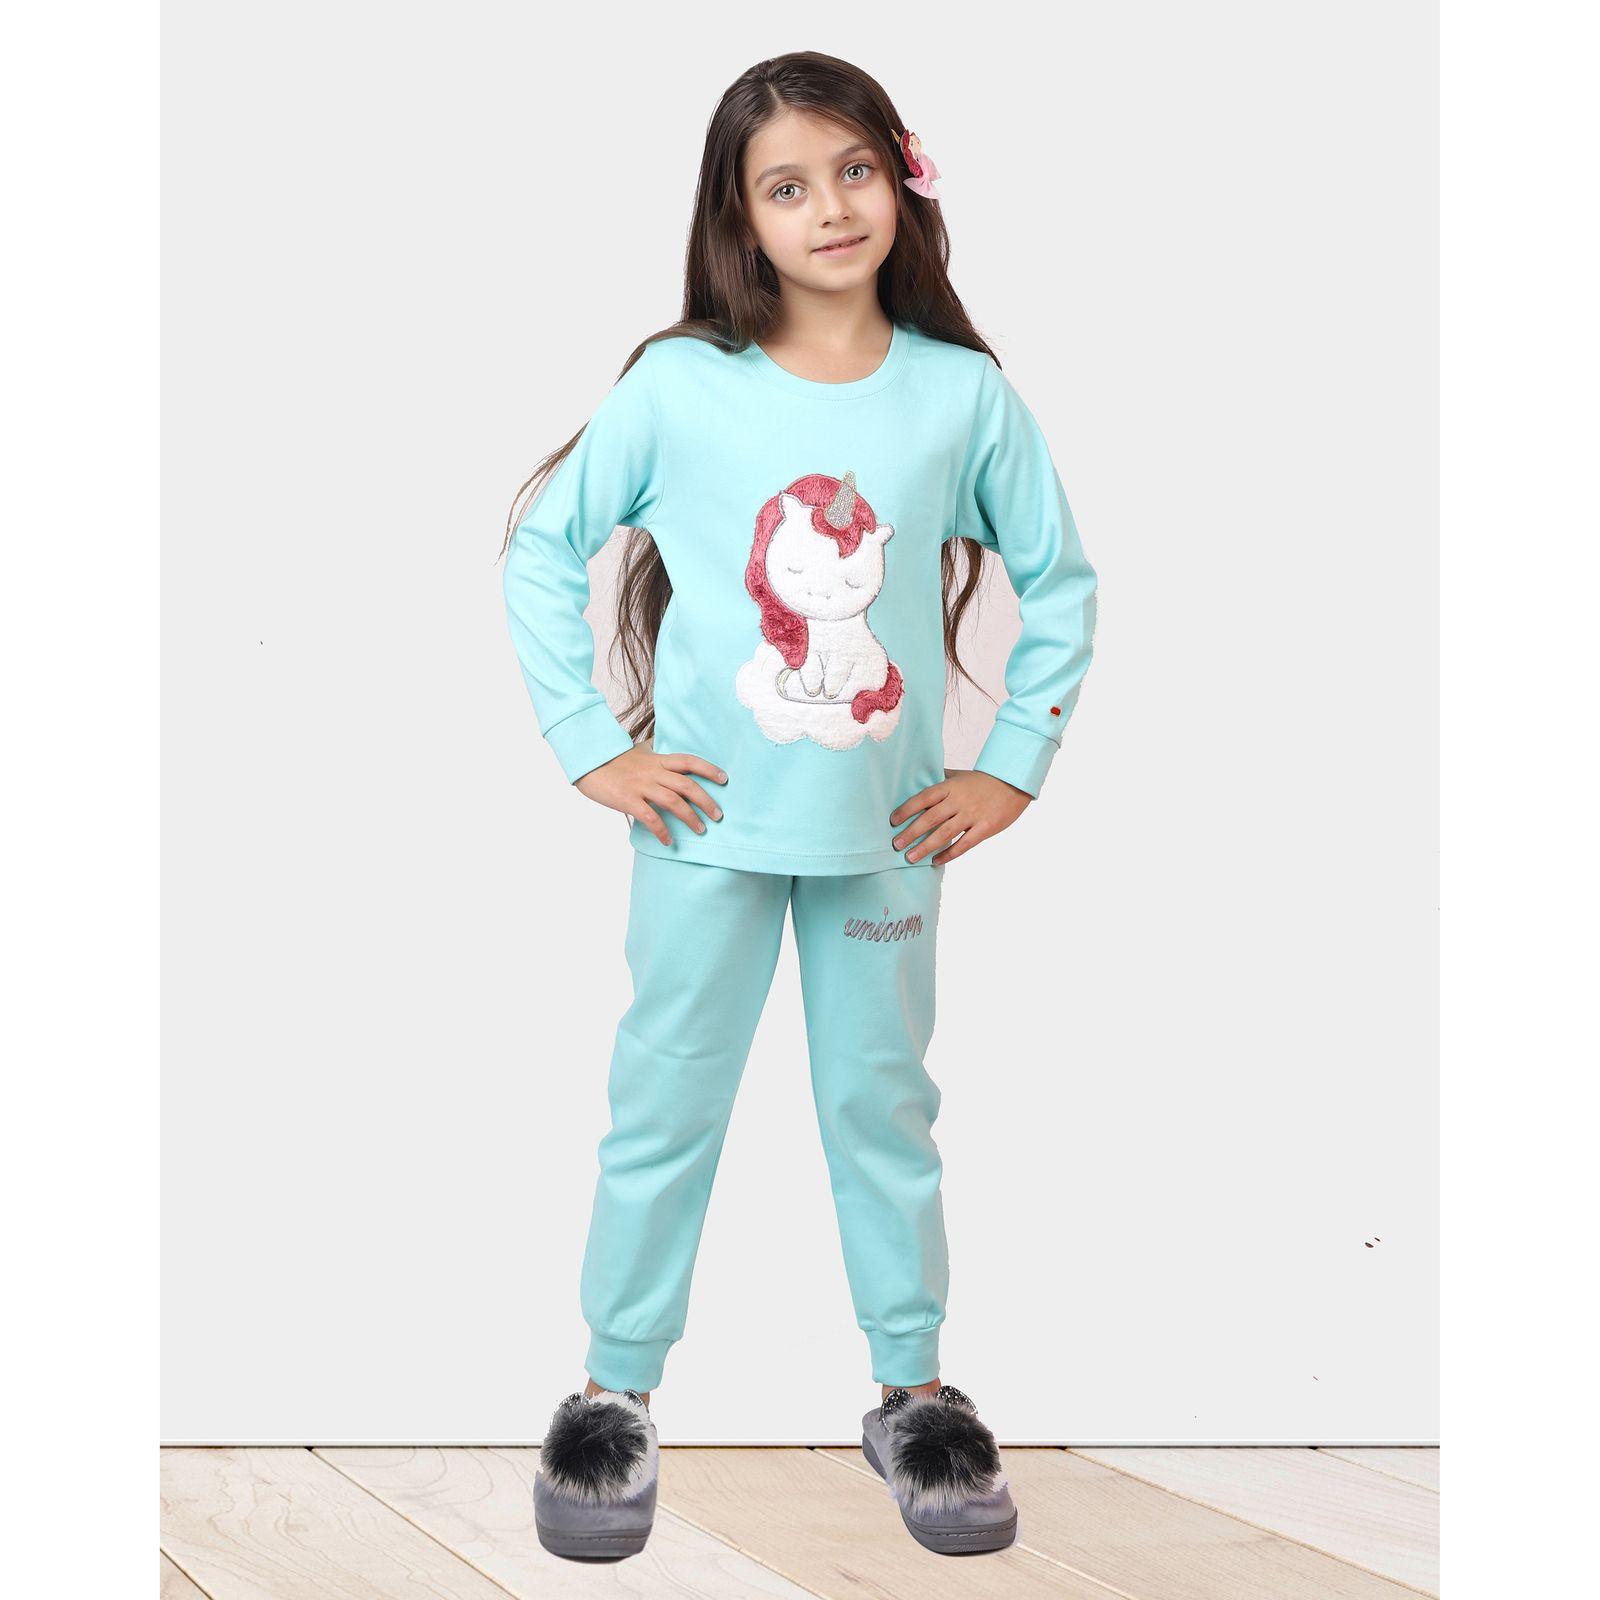 ست تی شرت و شلوار دخترانه مادر مدل 303-54 main 1 10